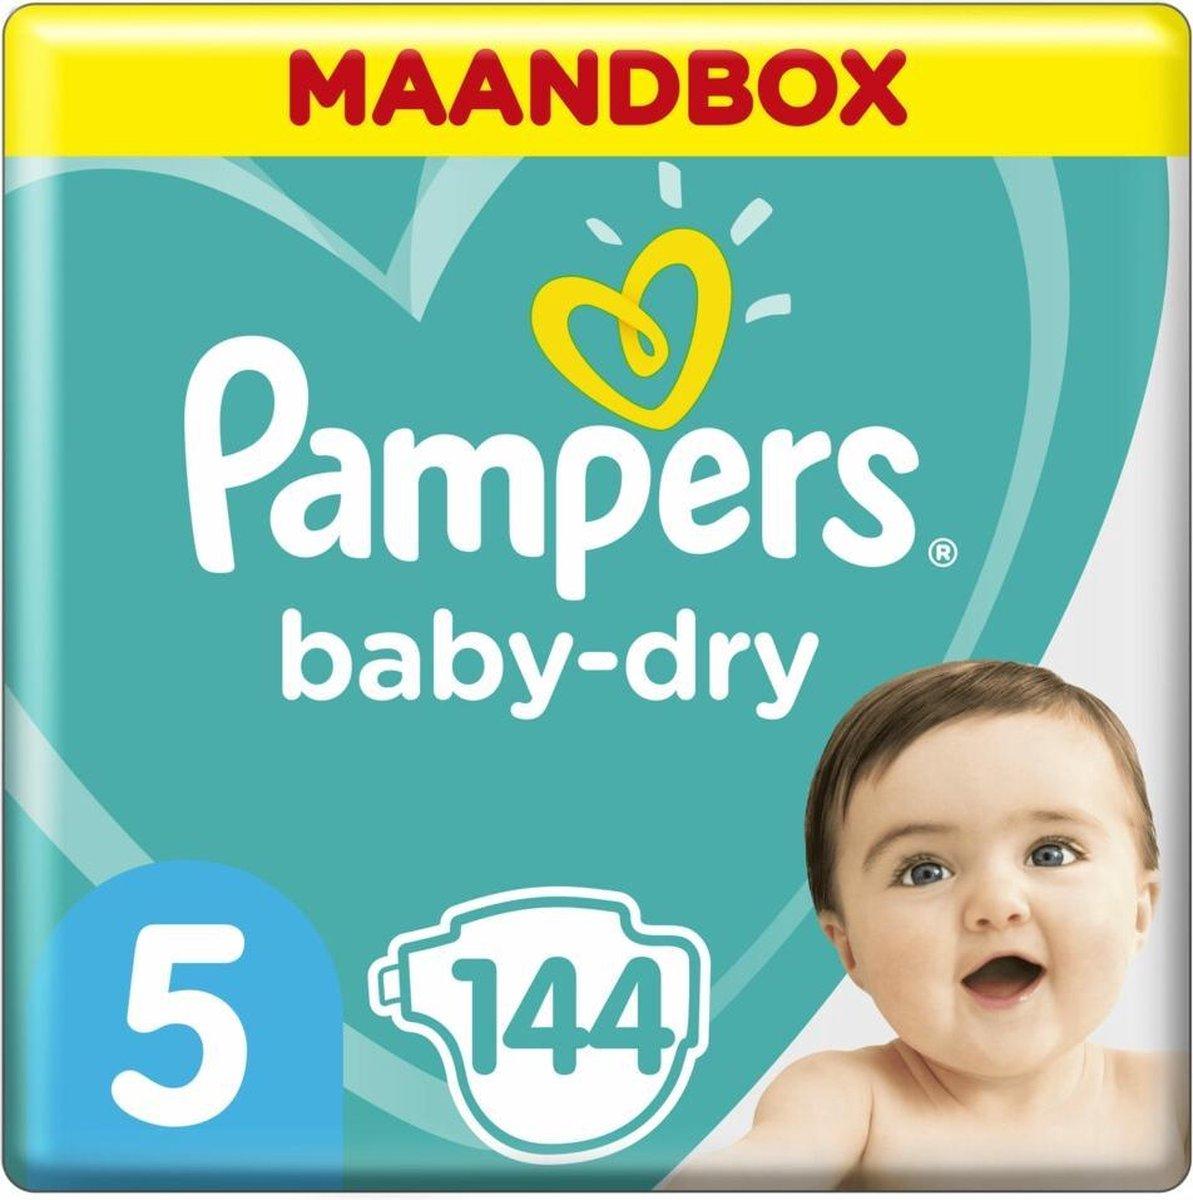 Pampers Baby-Dry Luiers - Maat 5 (11-16 kg) - 144 stuks - Maandbox - Pampers